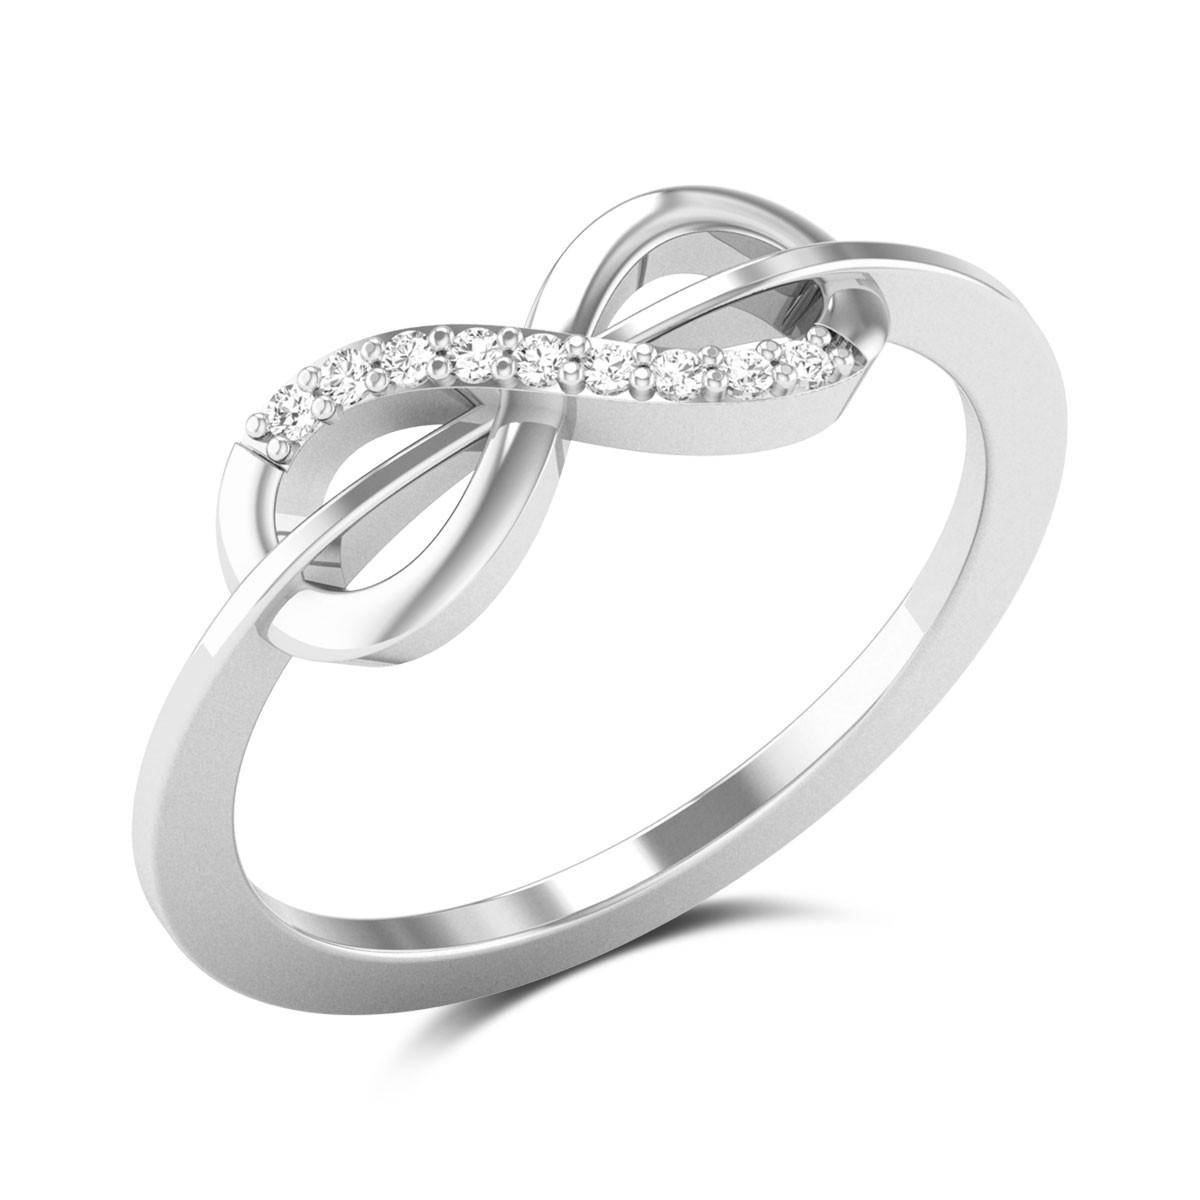 Bijouterie Diamond Ring